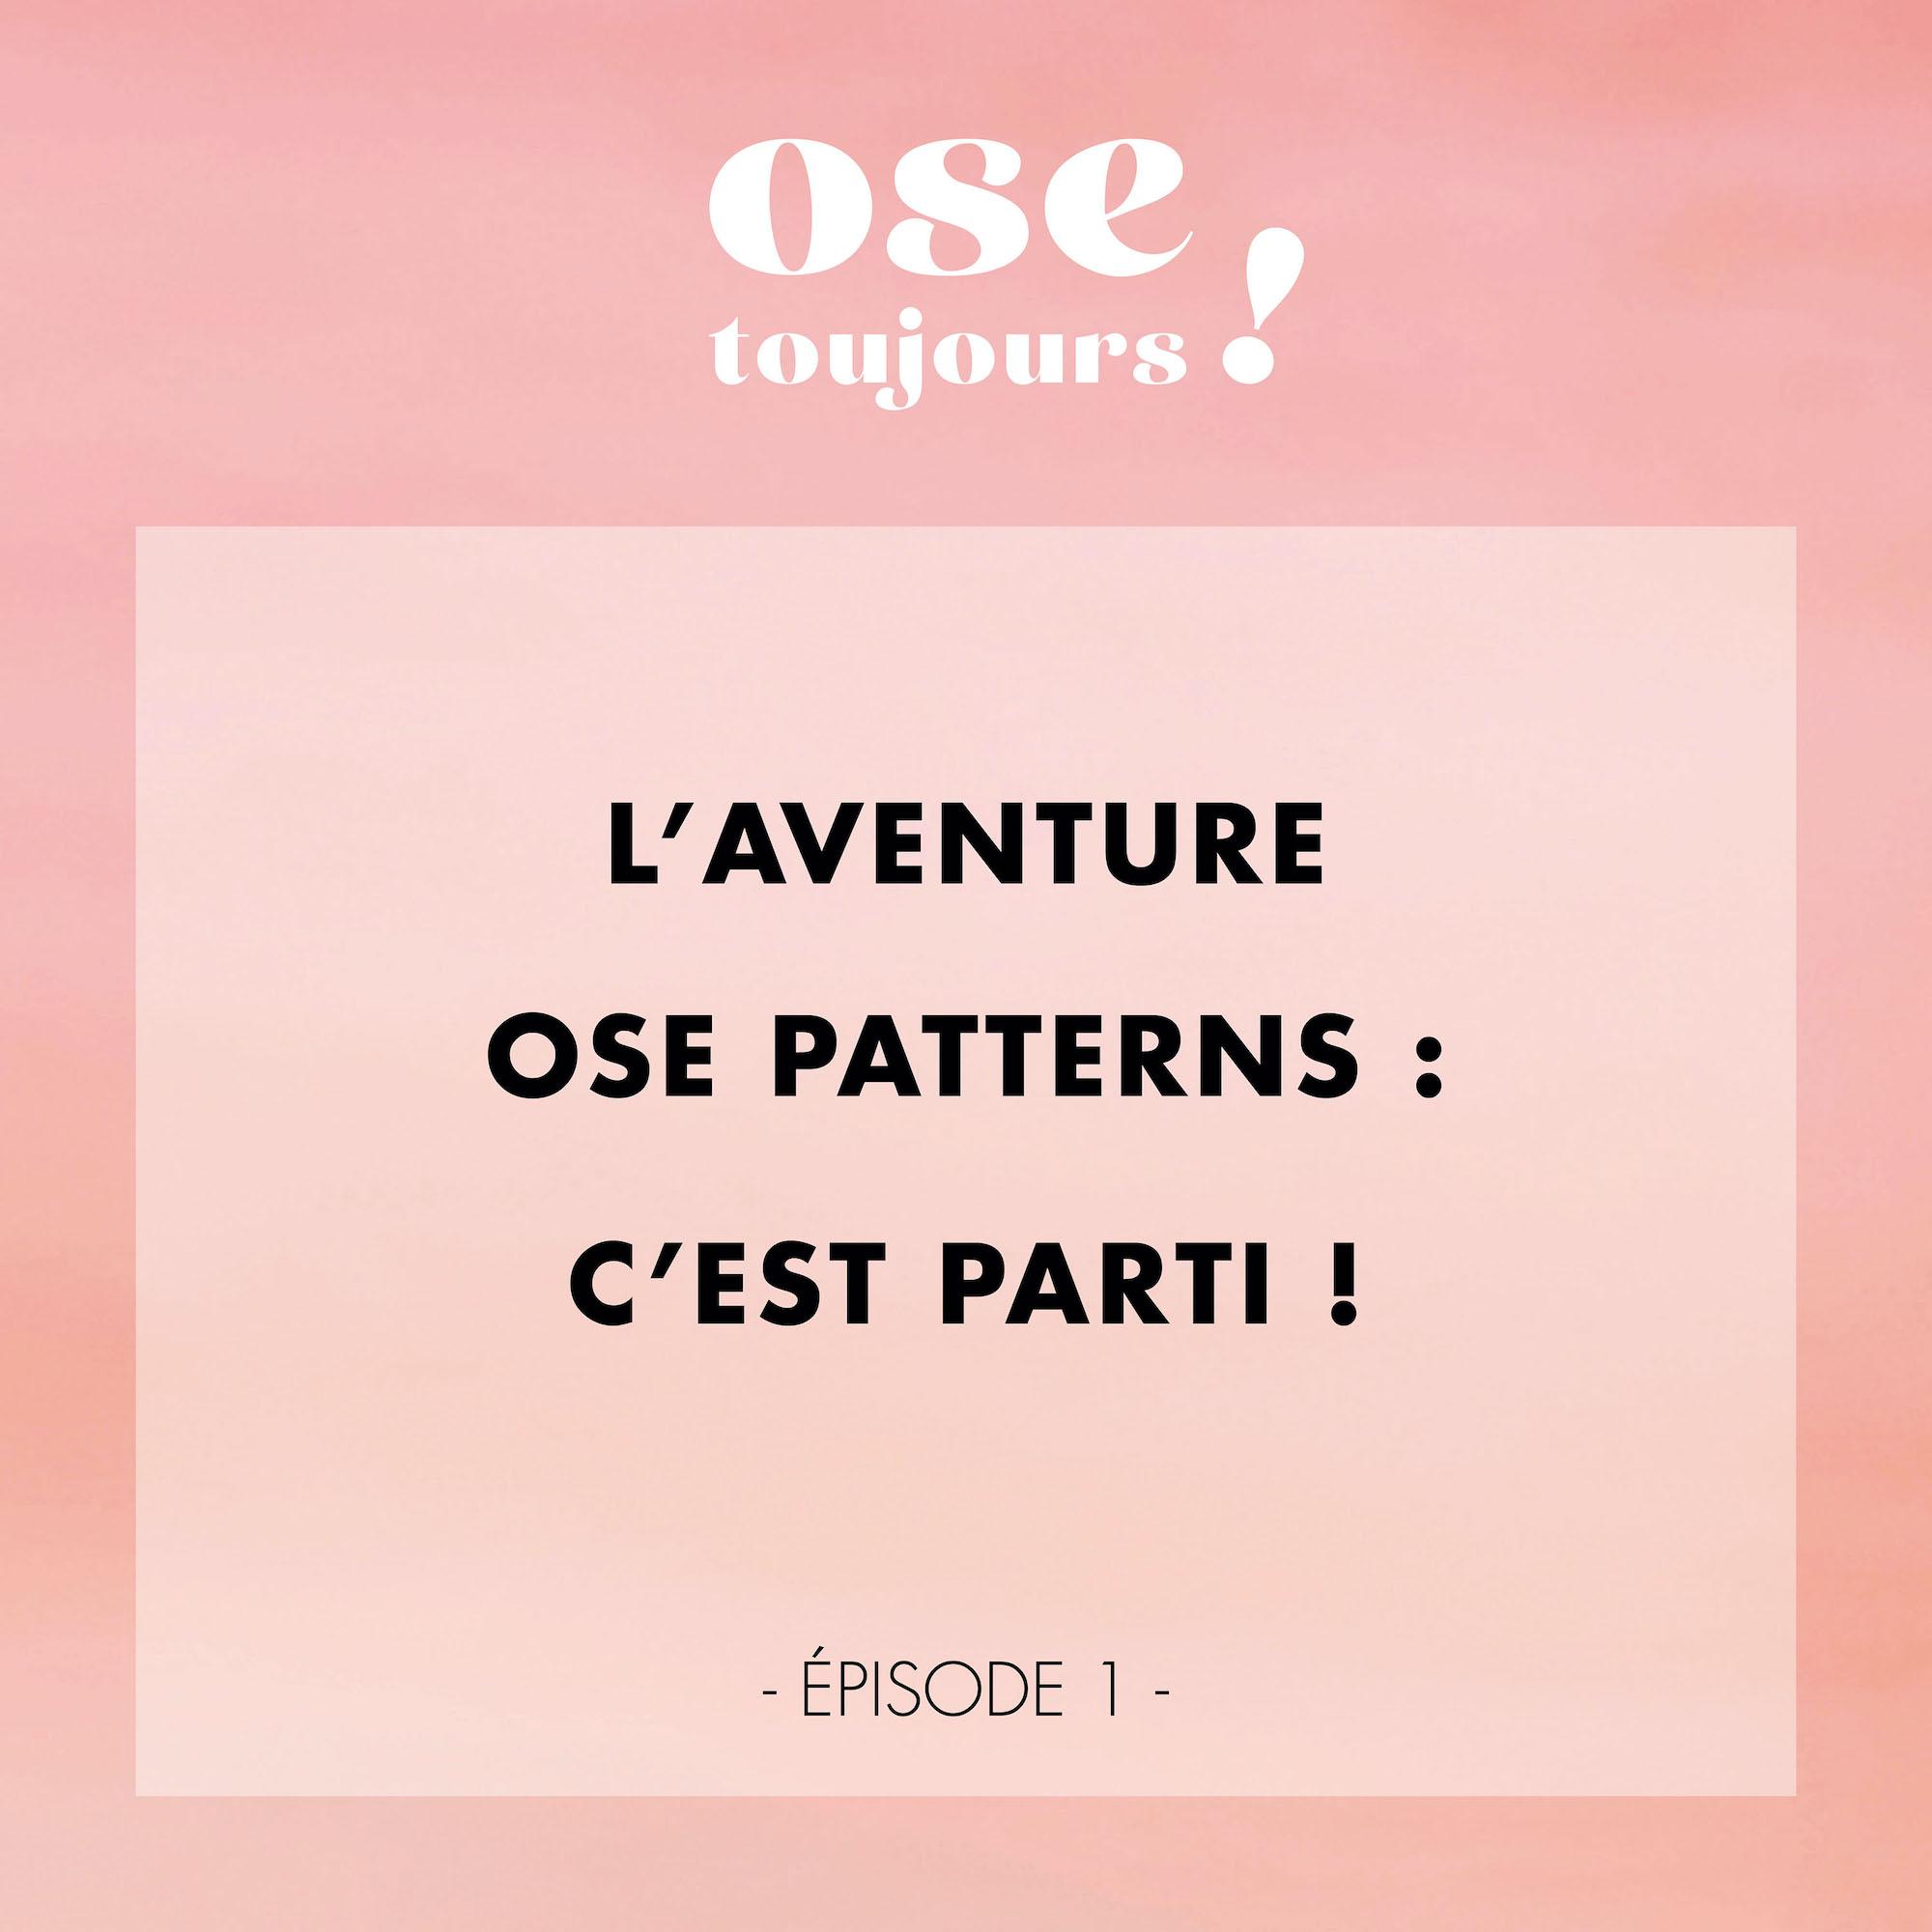 Podcast Ose Toujours de Ose Patterns - L'aventure Ose Patterns c'est parti